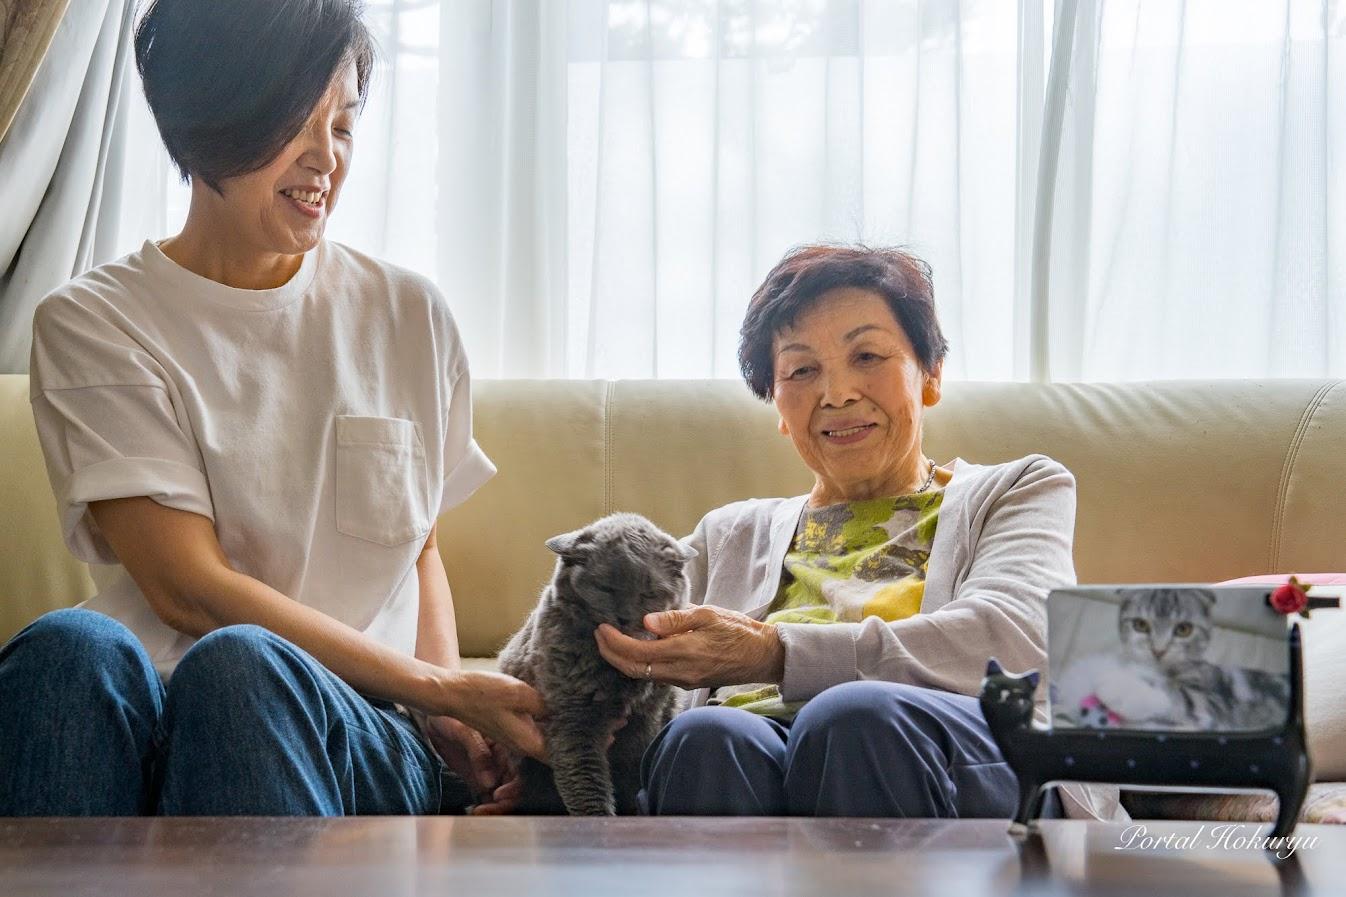 りつ子おばあちゃん、けい子ママと一緒に